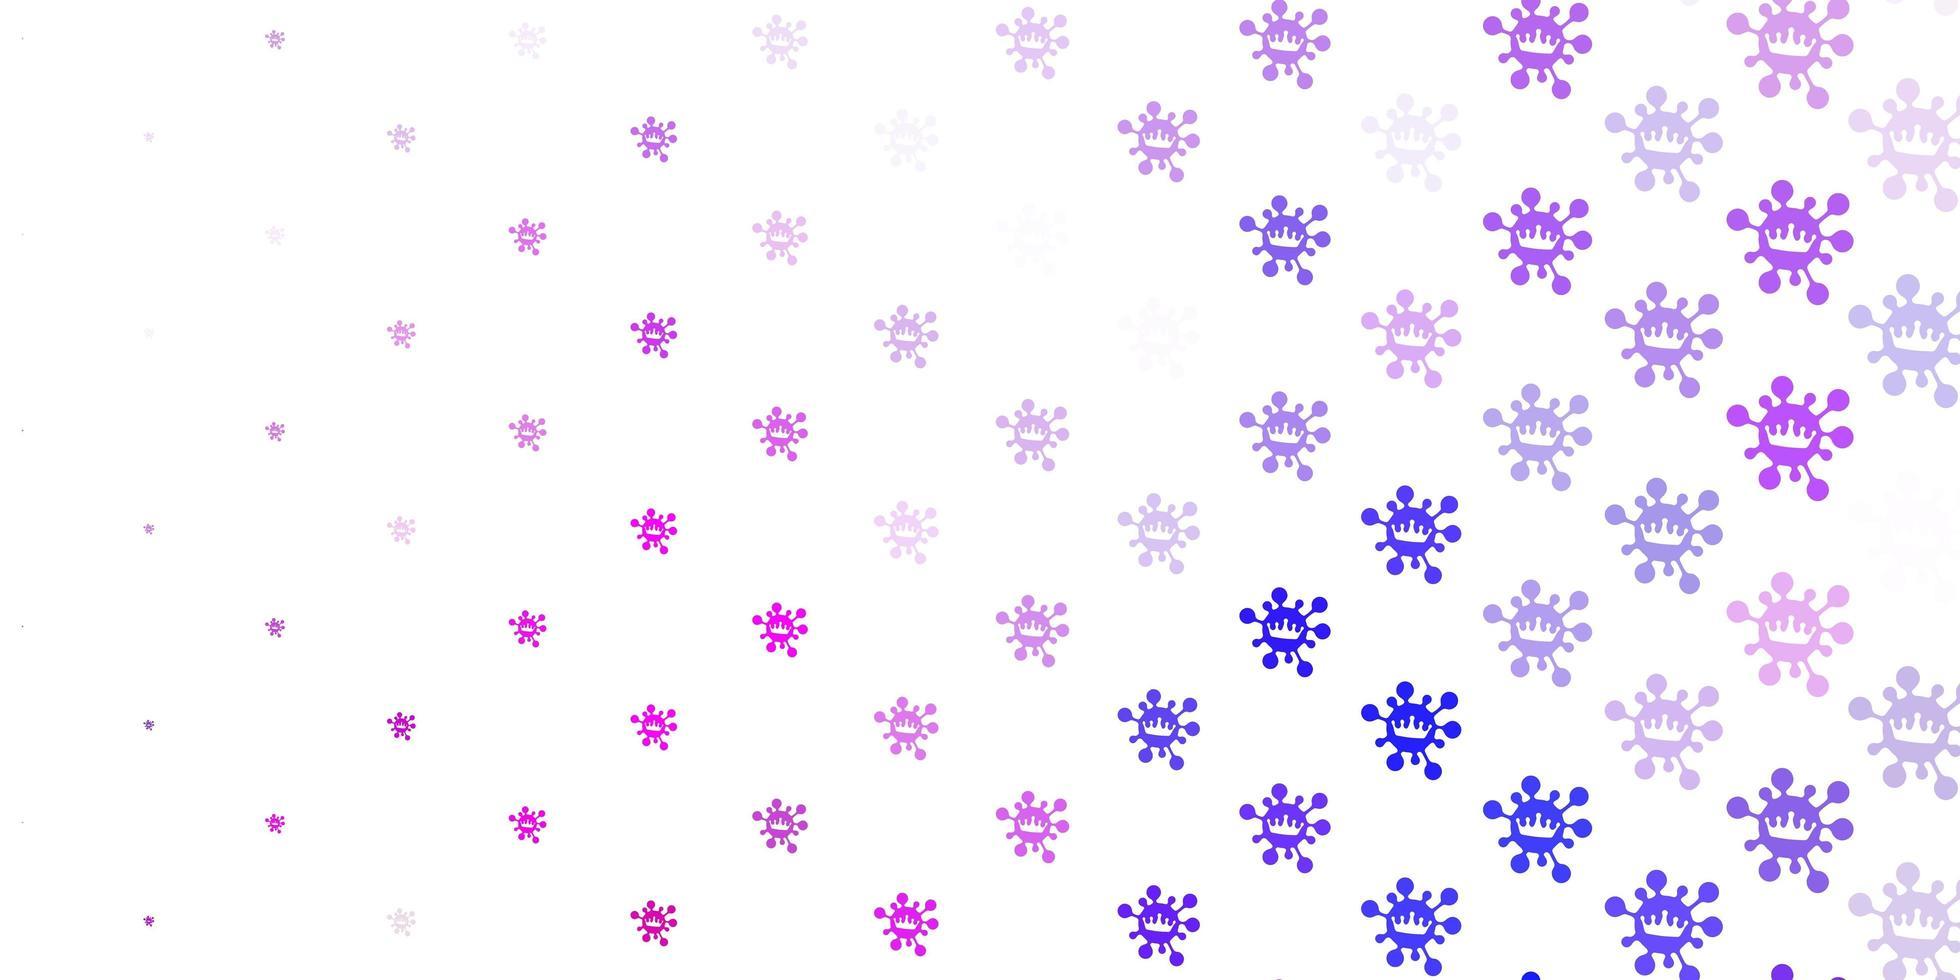 viola chiaro, sfondo rosa con simboli covid-19. vettore